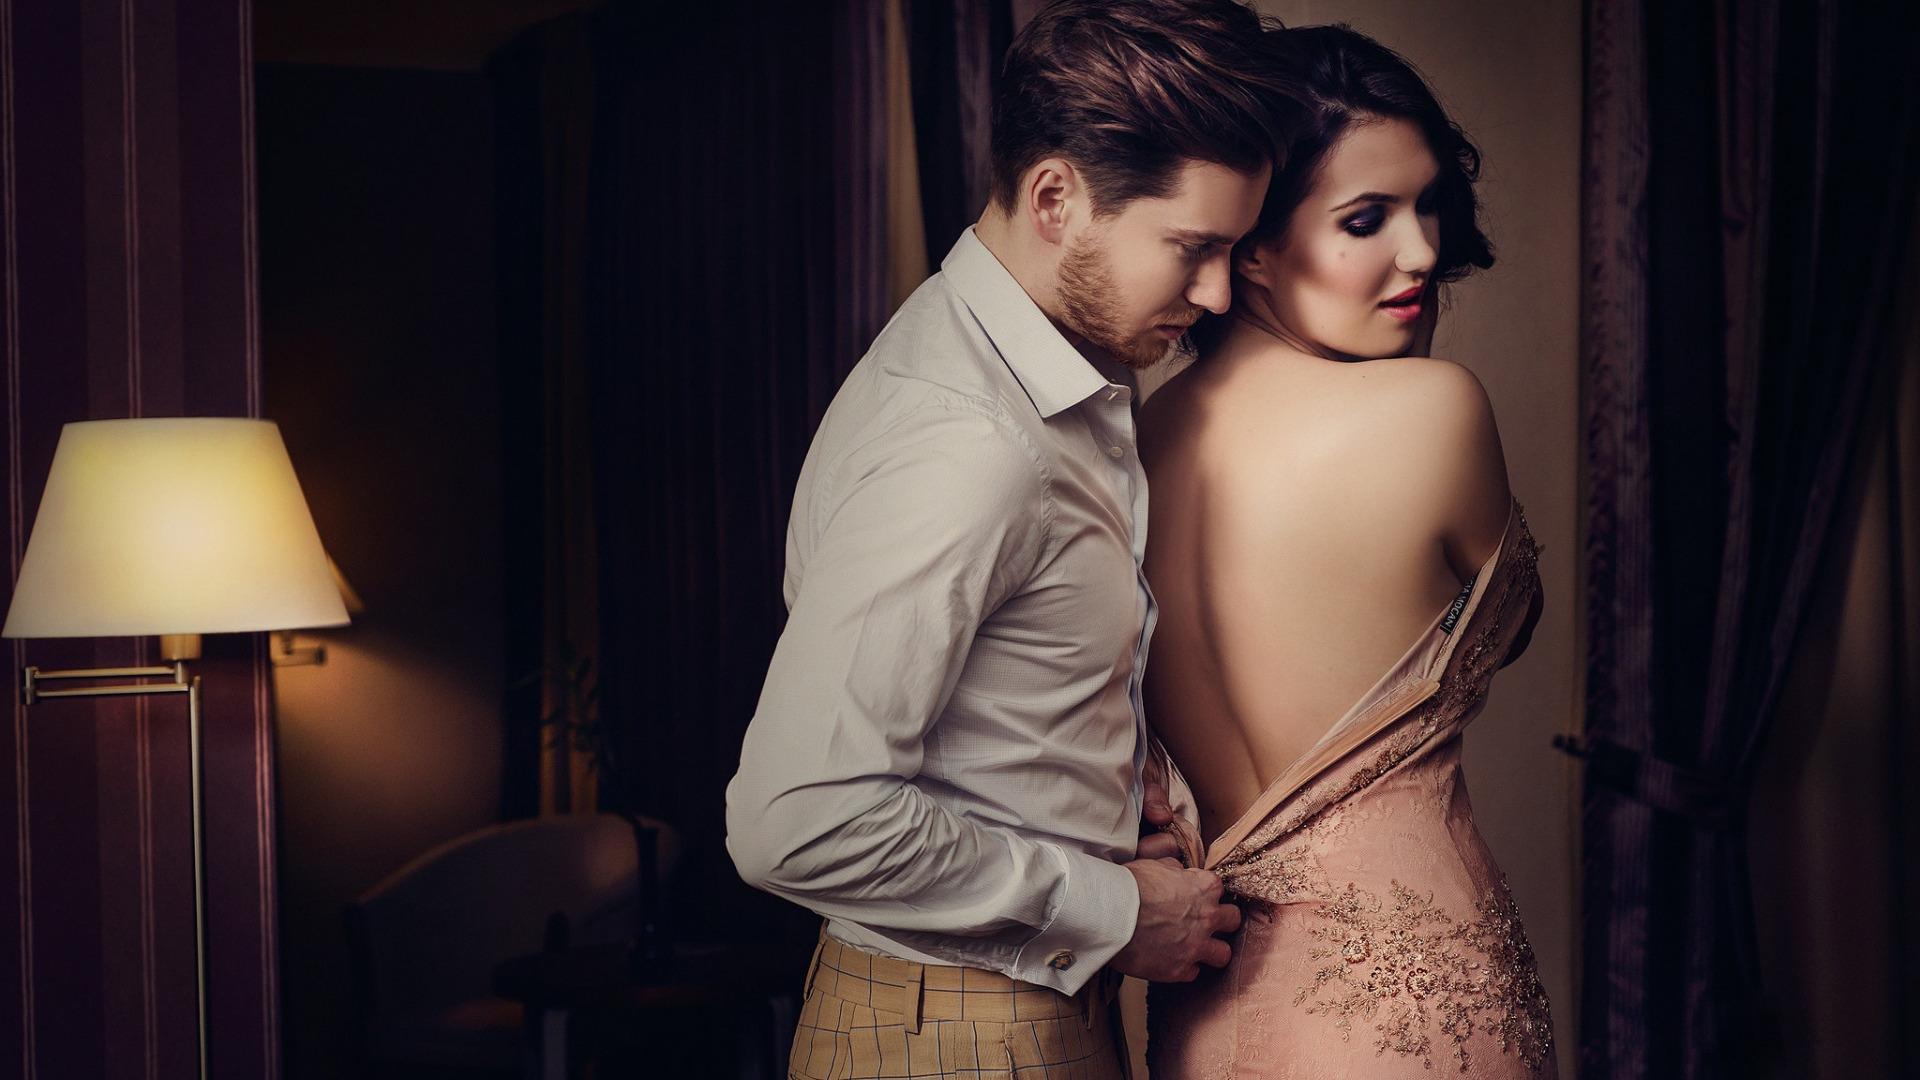 парень снимает платья у девушки том